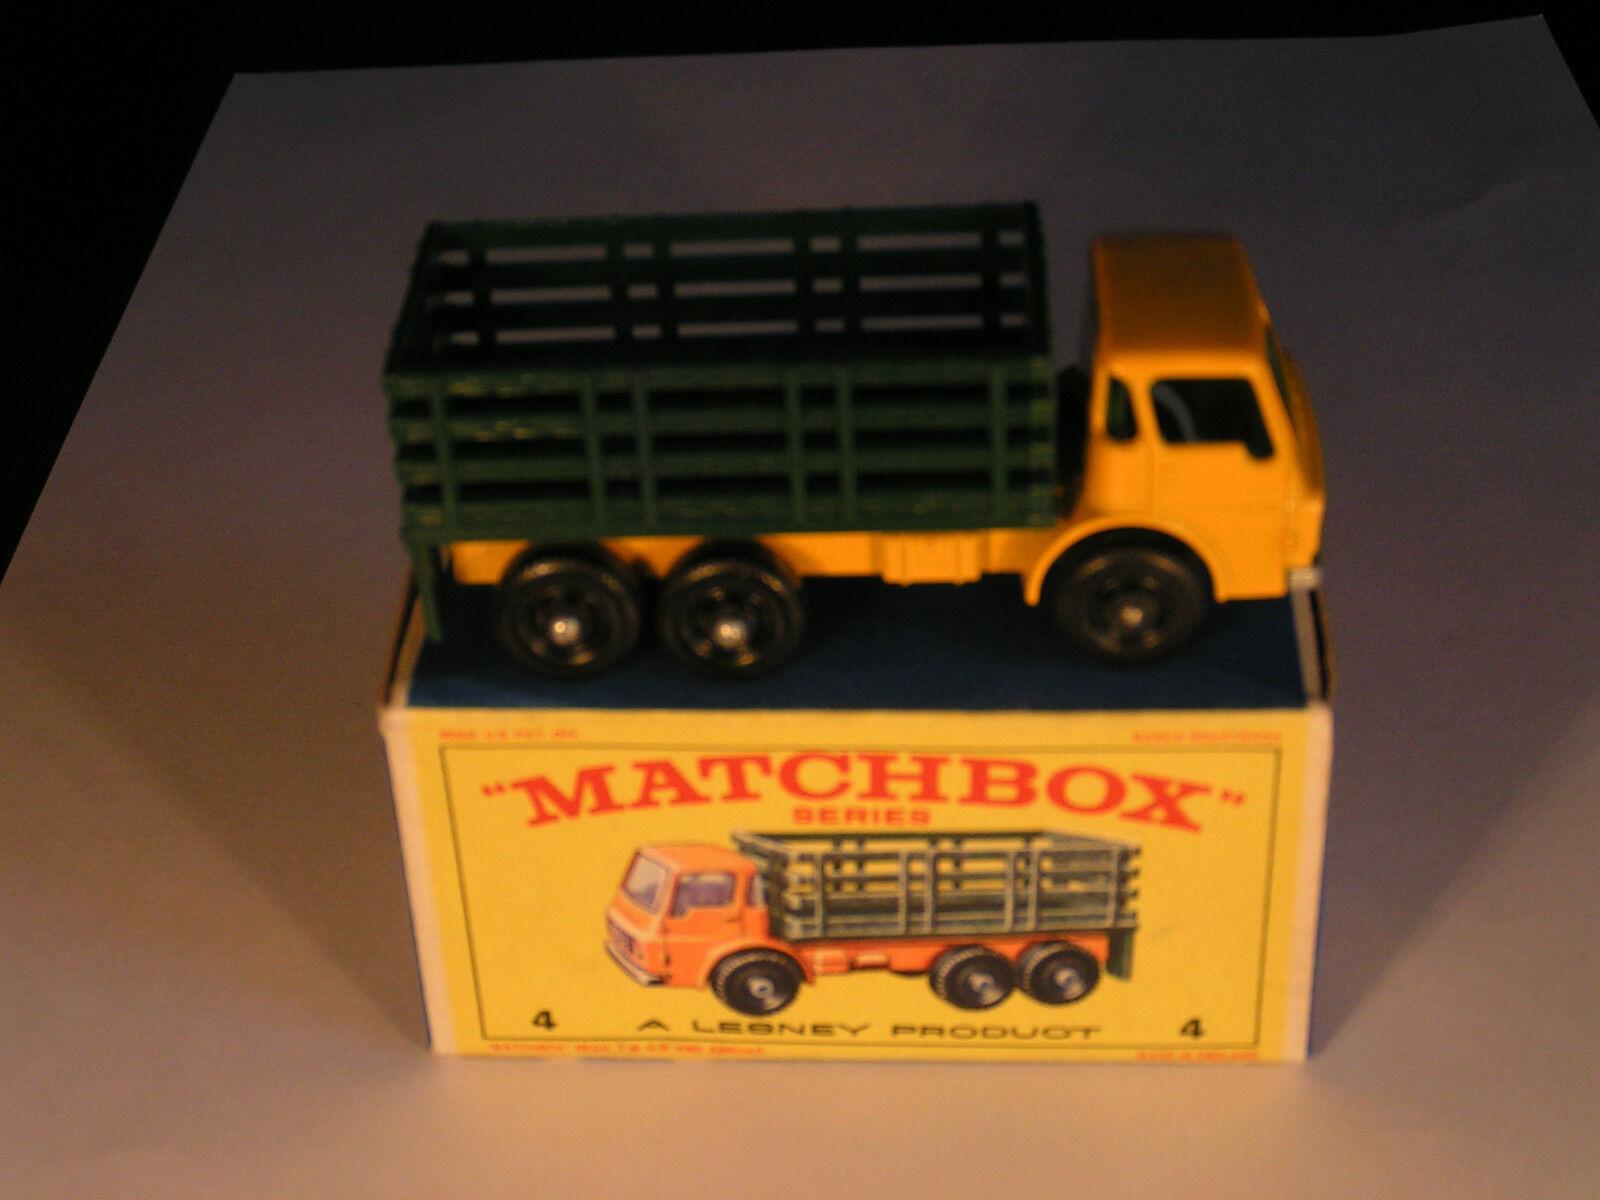 Comme neuf in original box MATCHBOX Nº Nº Nº 4 jeu camion (Vert) Excellent En parfait état, dans sa boîte Qualité 383792